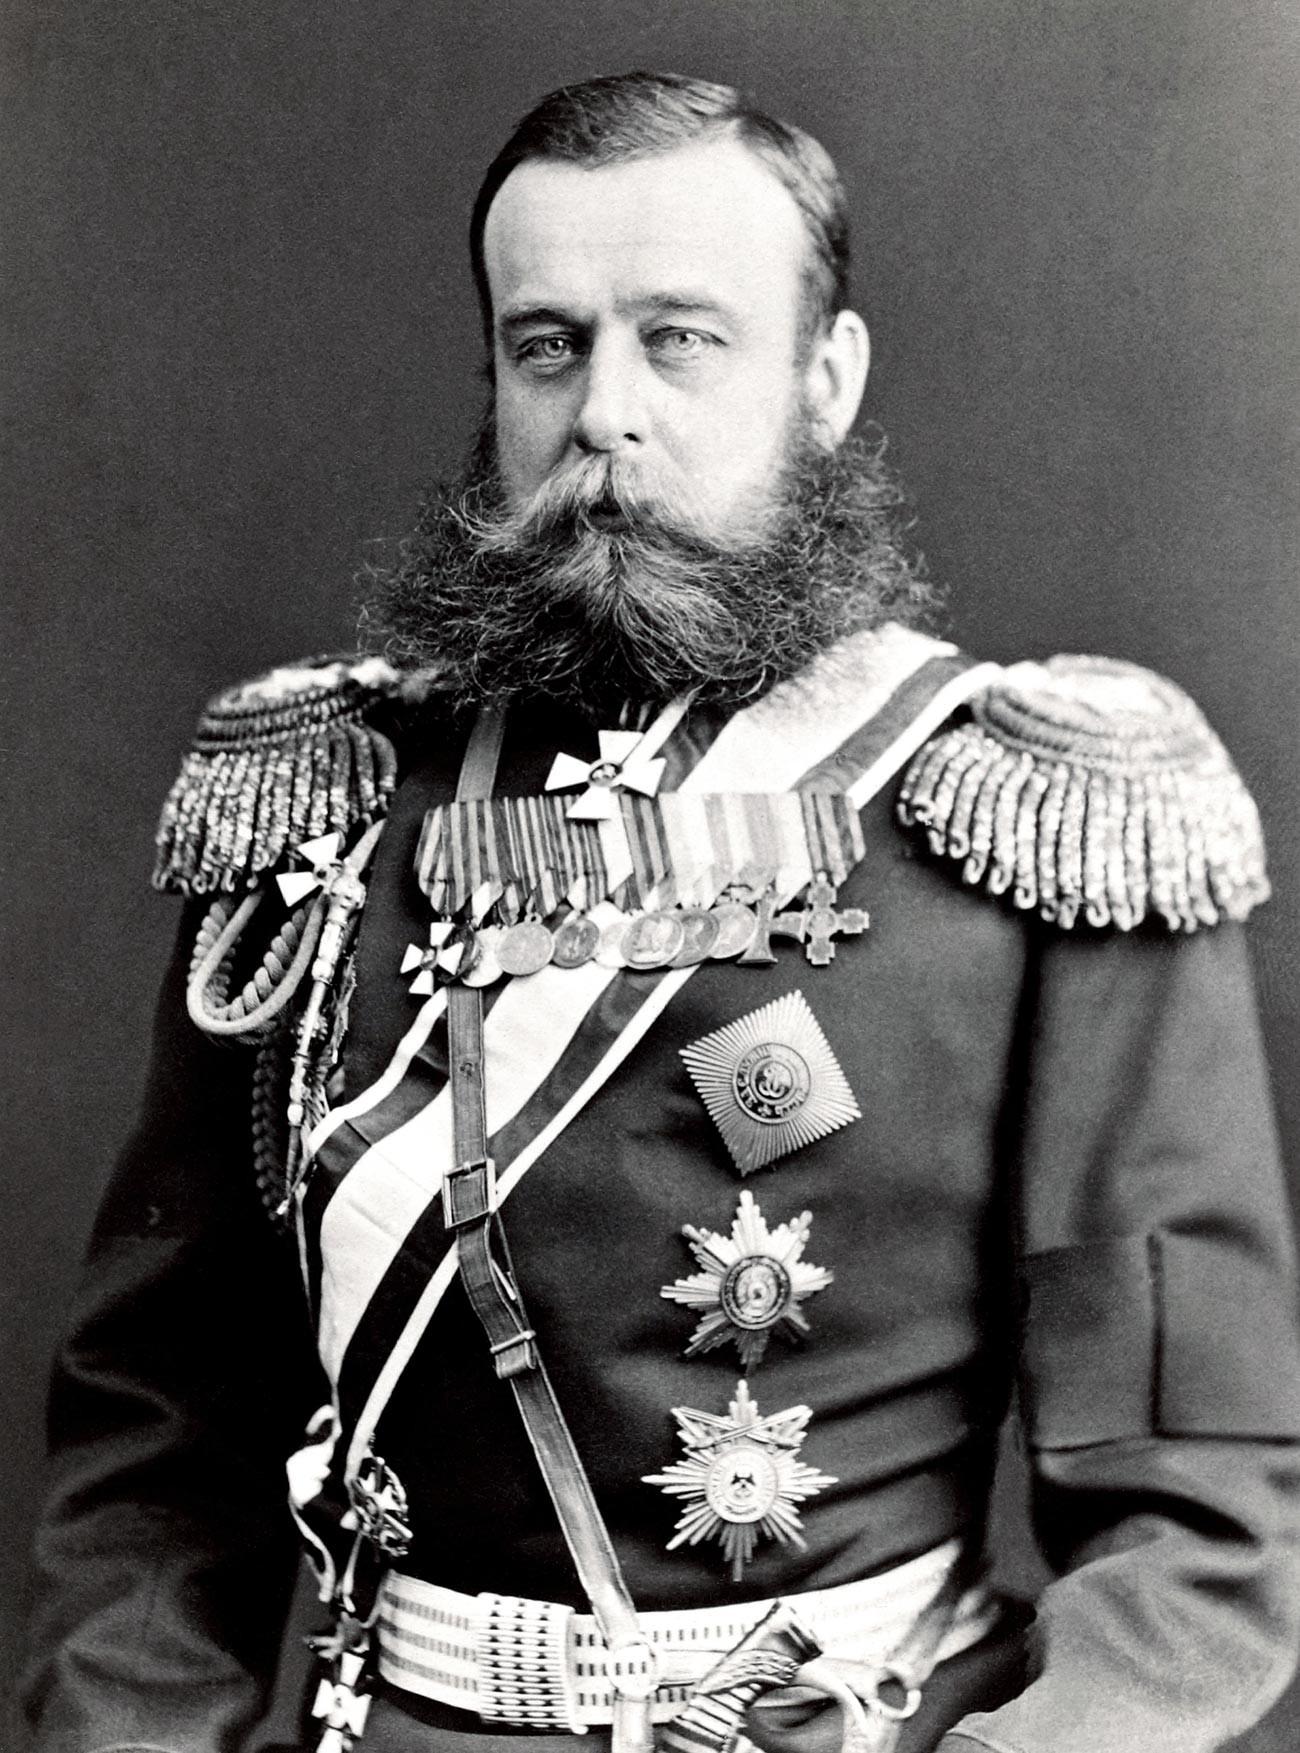 Mihail Dmitrijevič Skobeljev